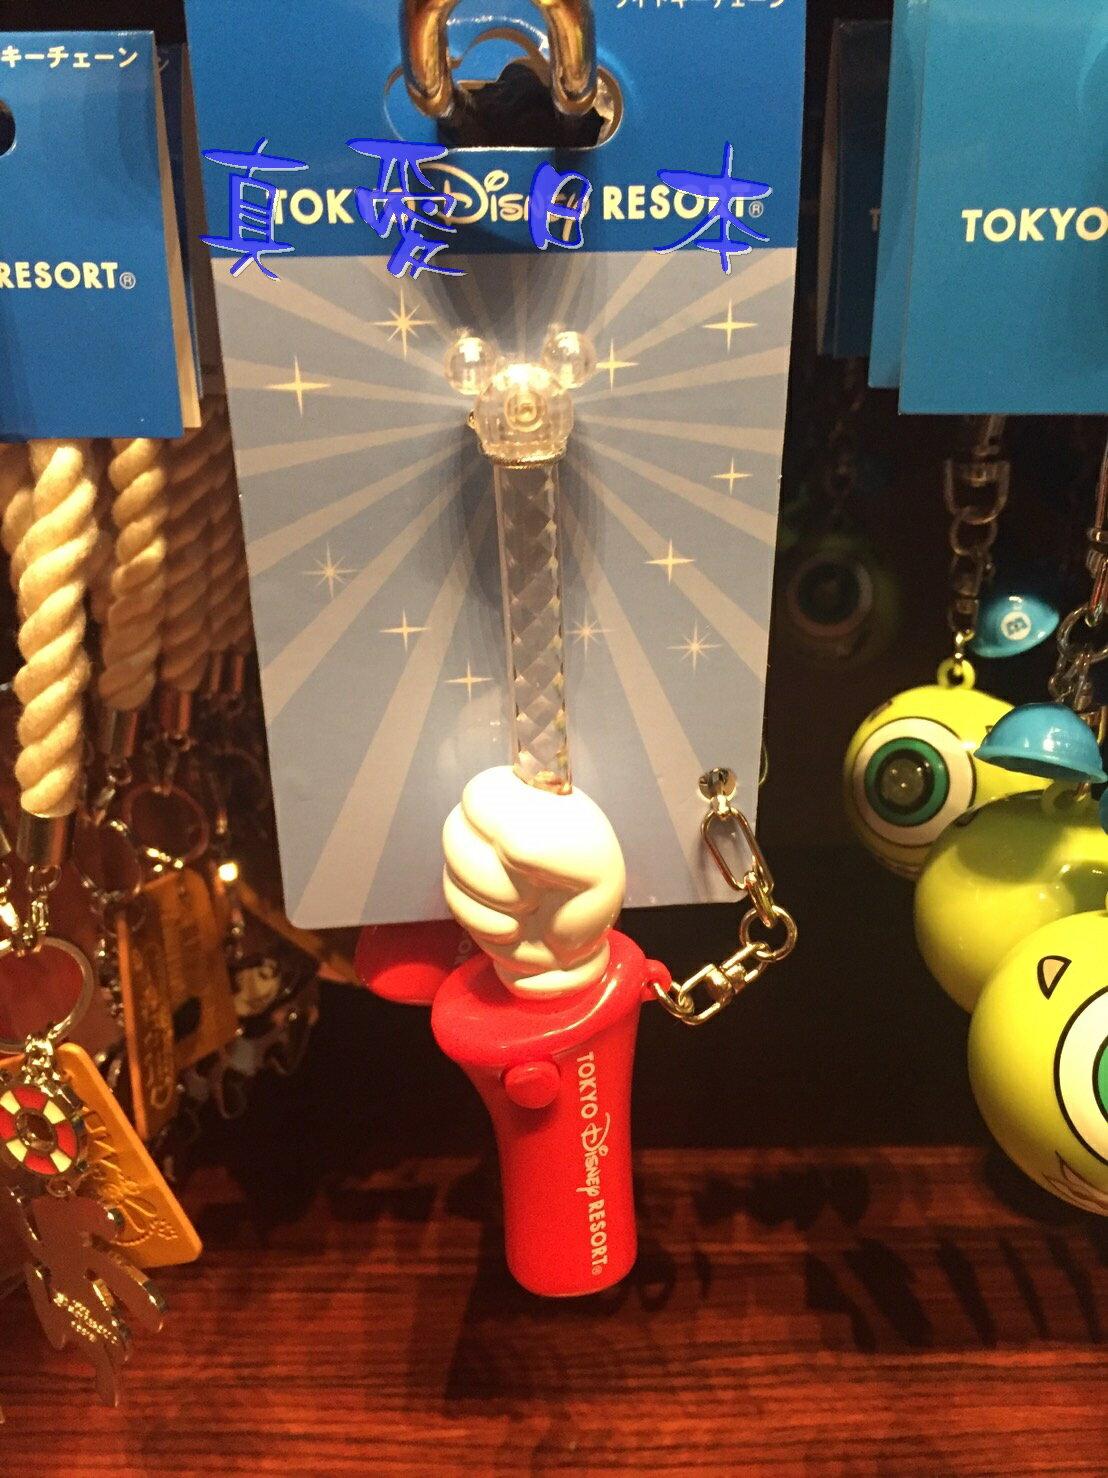 【真愛日本】16071300026樂園迷你七彩閃燈指揮棒鎖圈-MK  迪士尼 米老鼠米奇 米妮  鑰匙圈 吊飾 正品